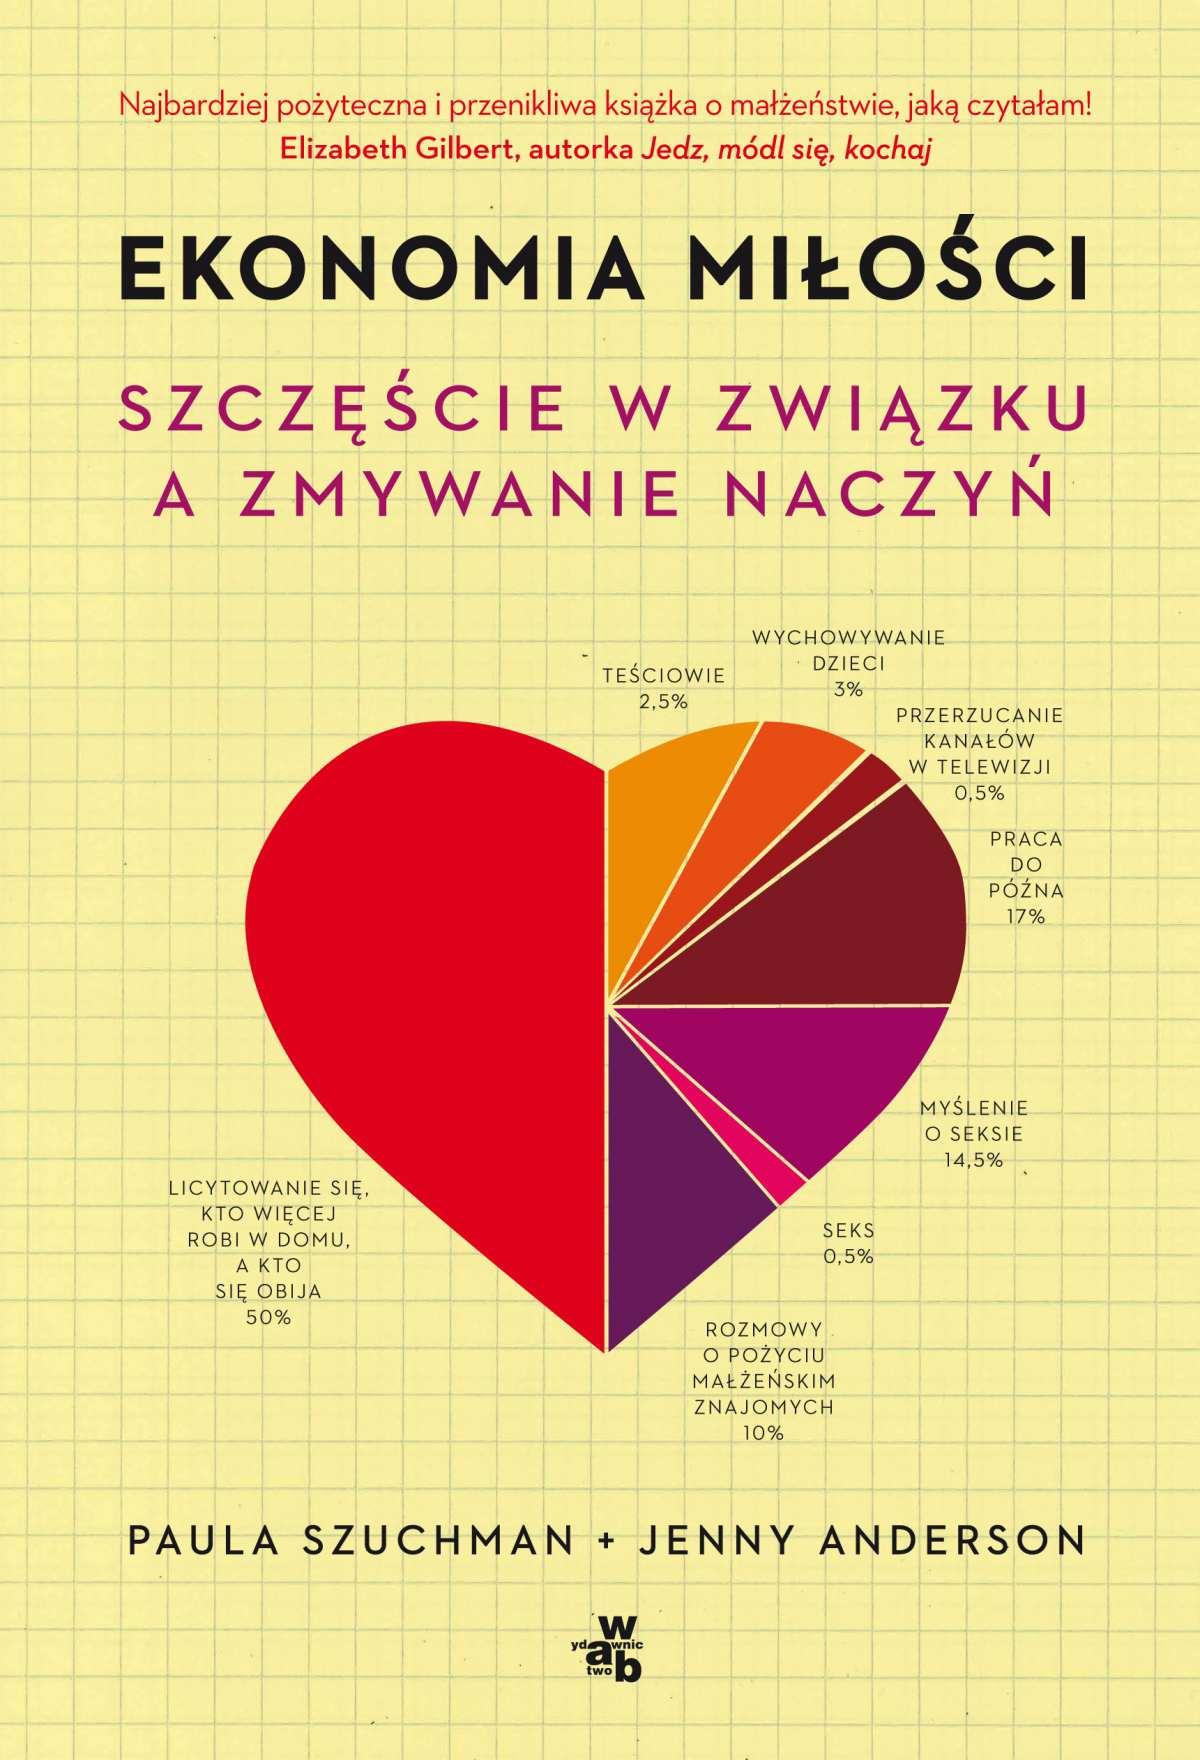 Ekonomia miłości. Szczęście w związku a zmywanie naczyń - Ebook (Książka na Kindle) do pobrania w formacie MOBI